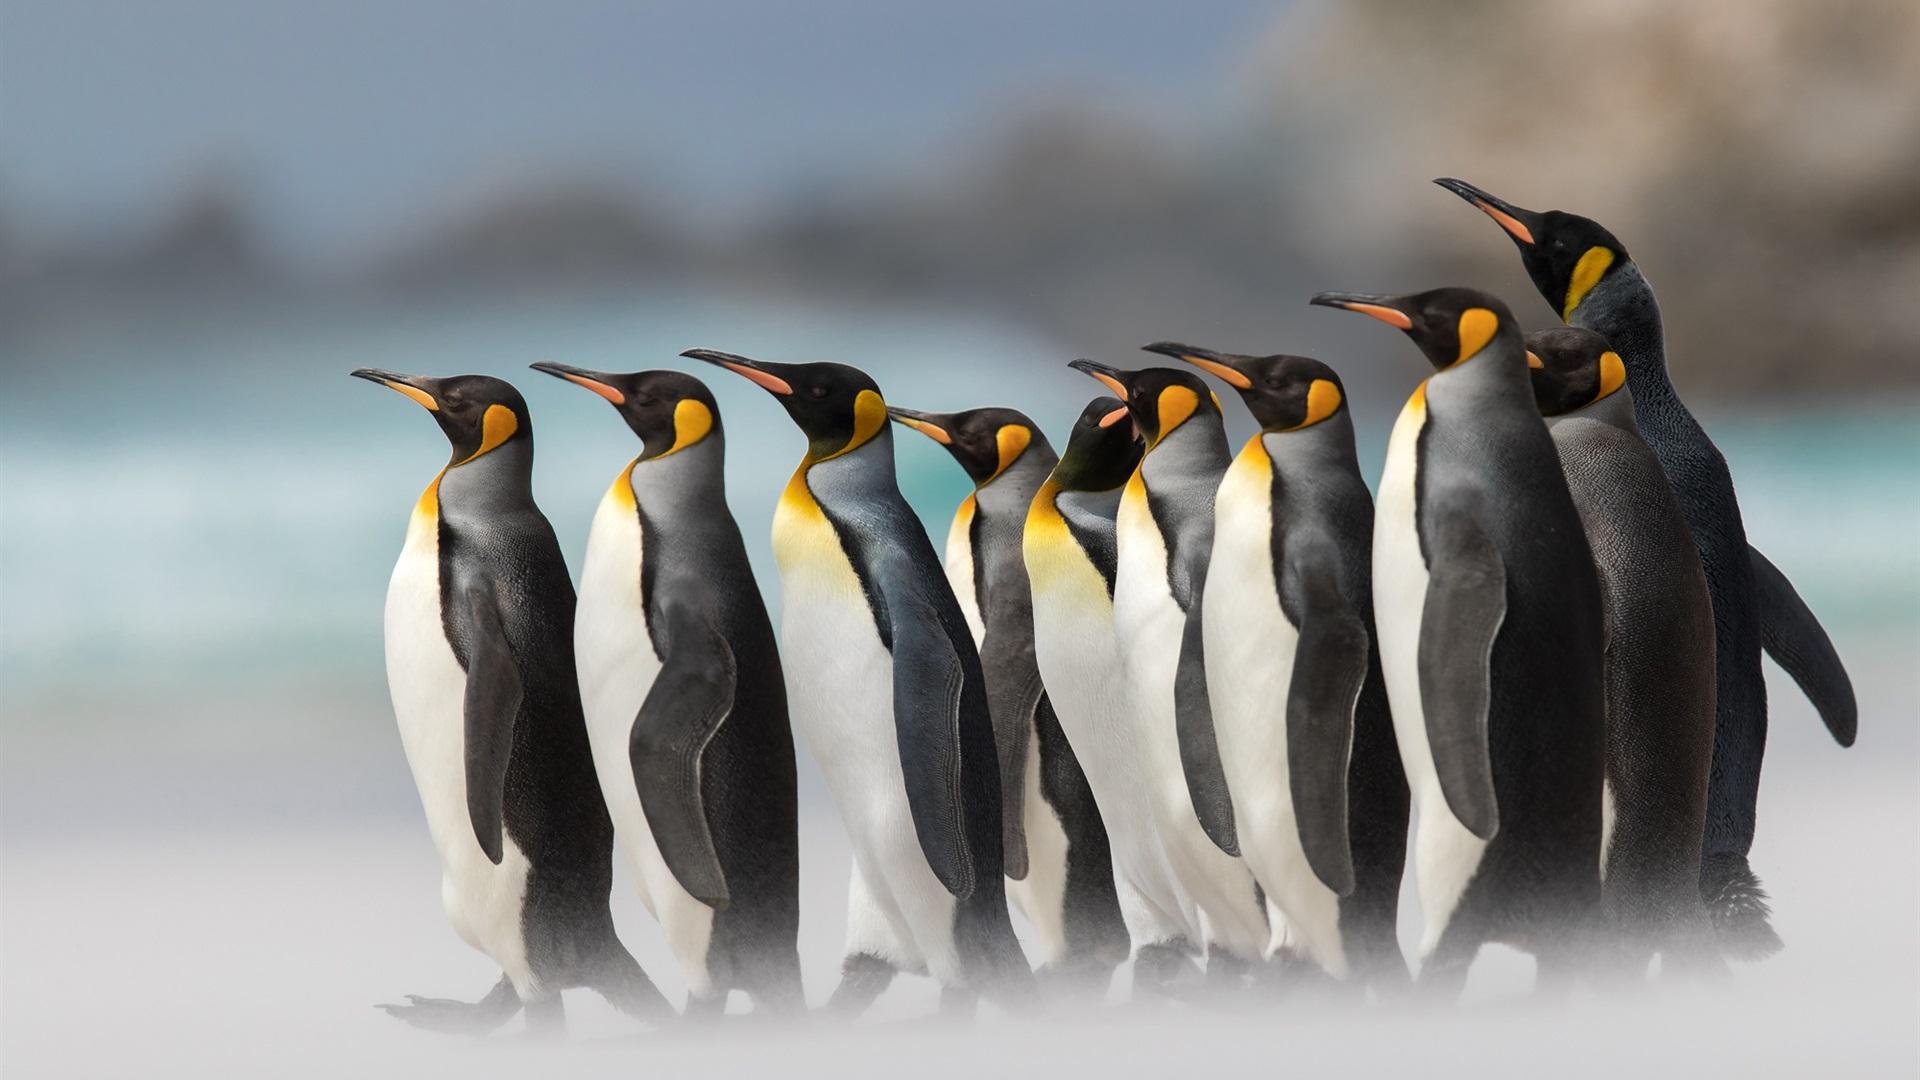 Royal penguins, fog Wallpaper | 1920x1080 Full HD ...